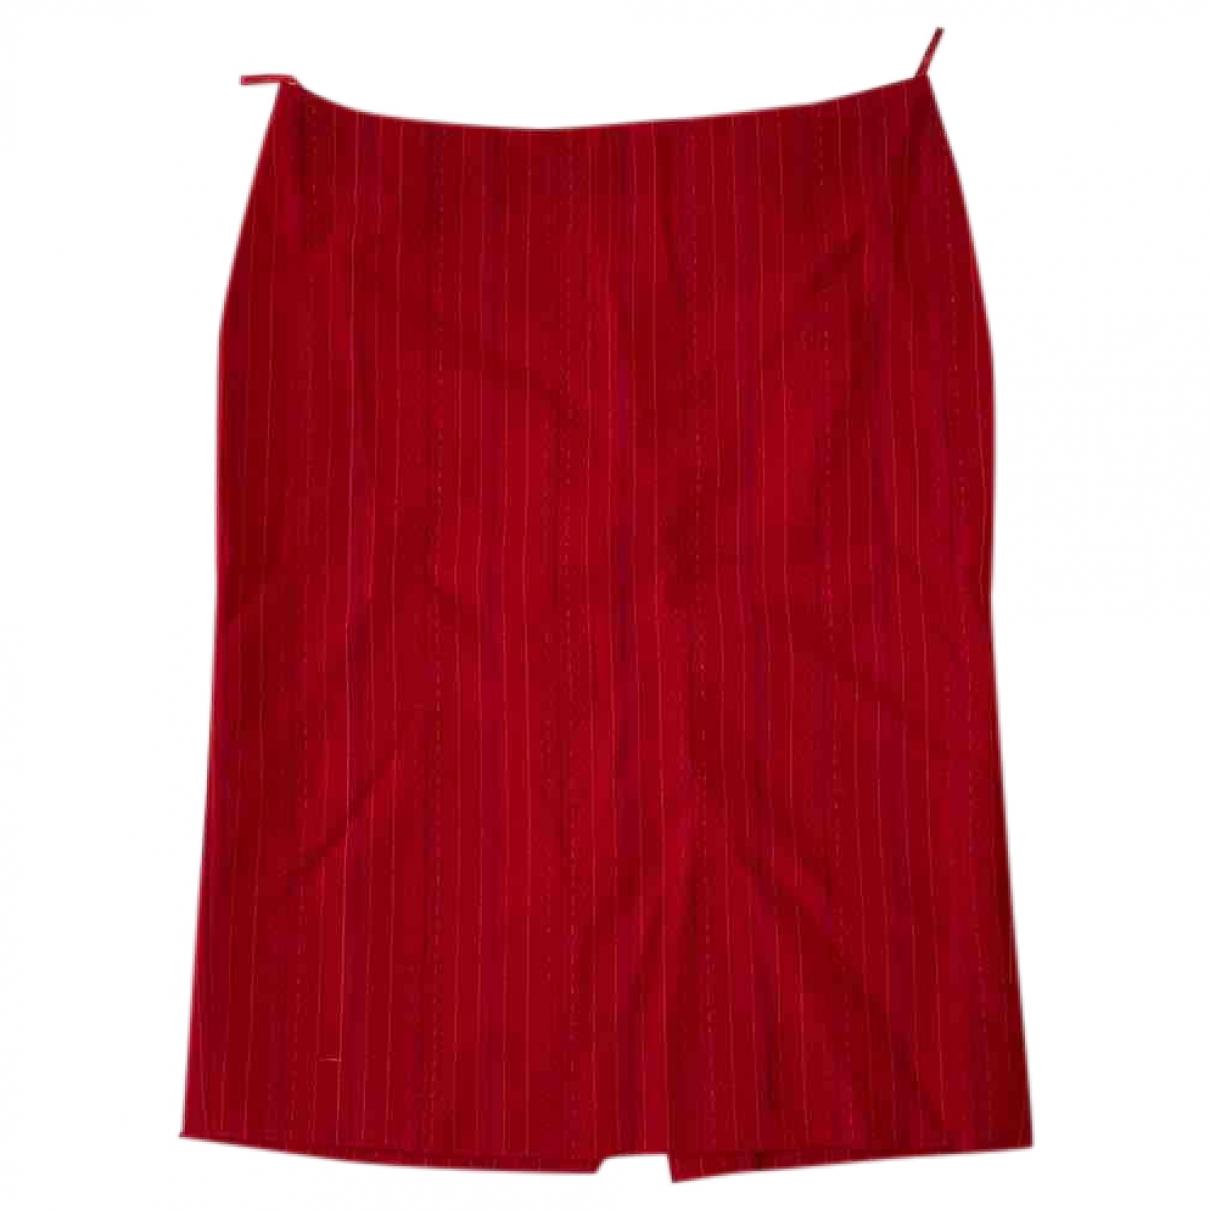 Versus \N Red Wool skirt for Women 38 IT